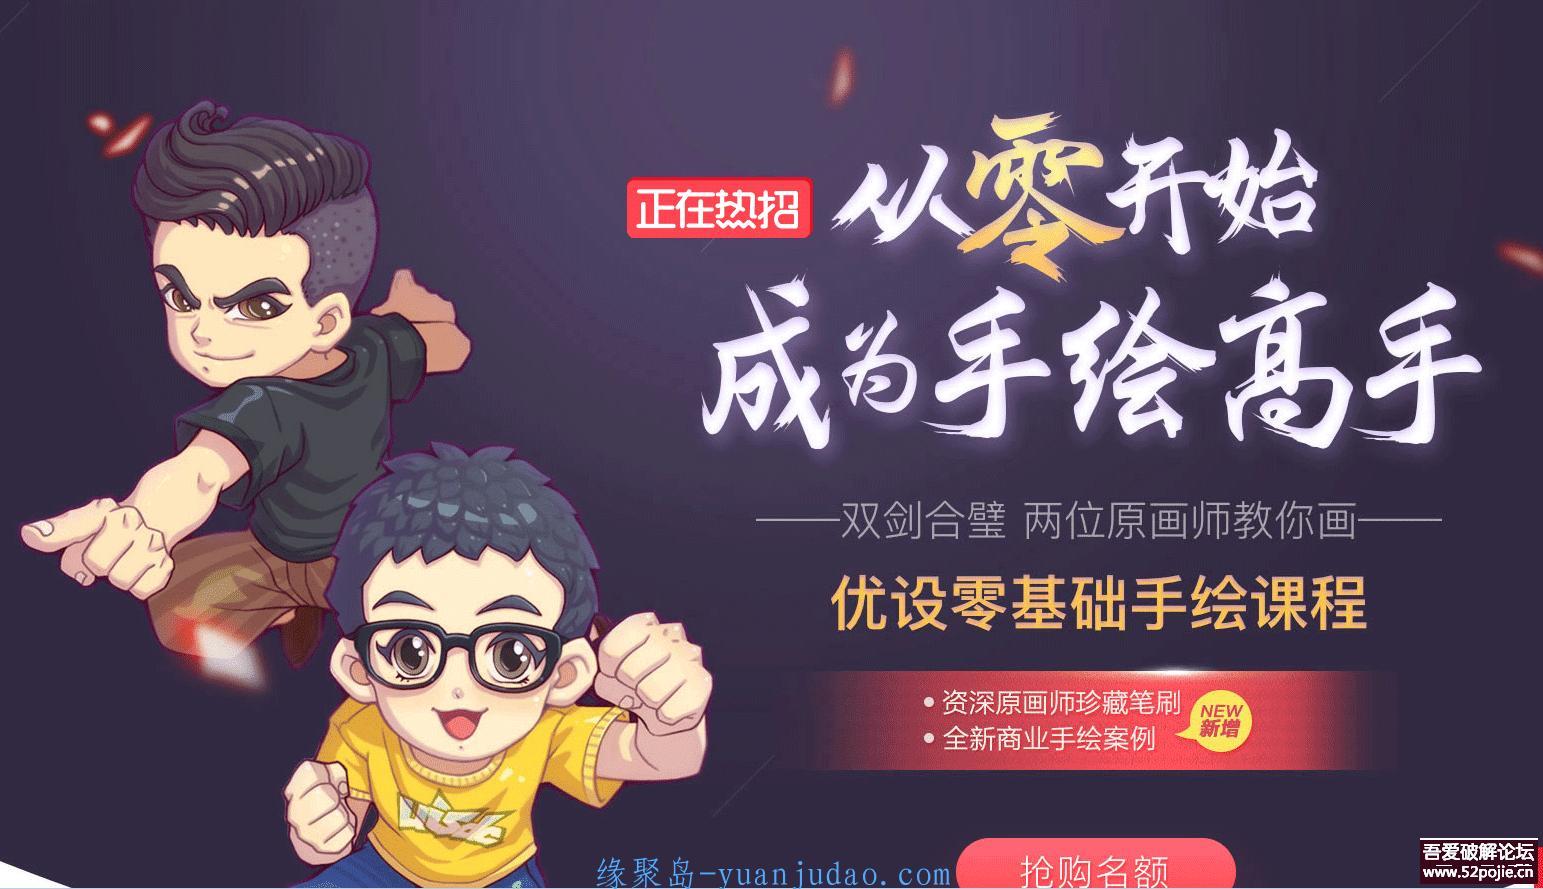 [精品教程] 优设网邹昊闫实零基础手绘